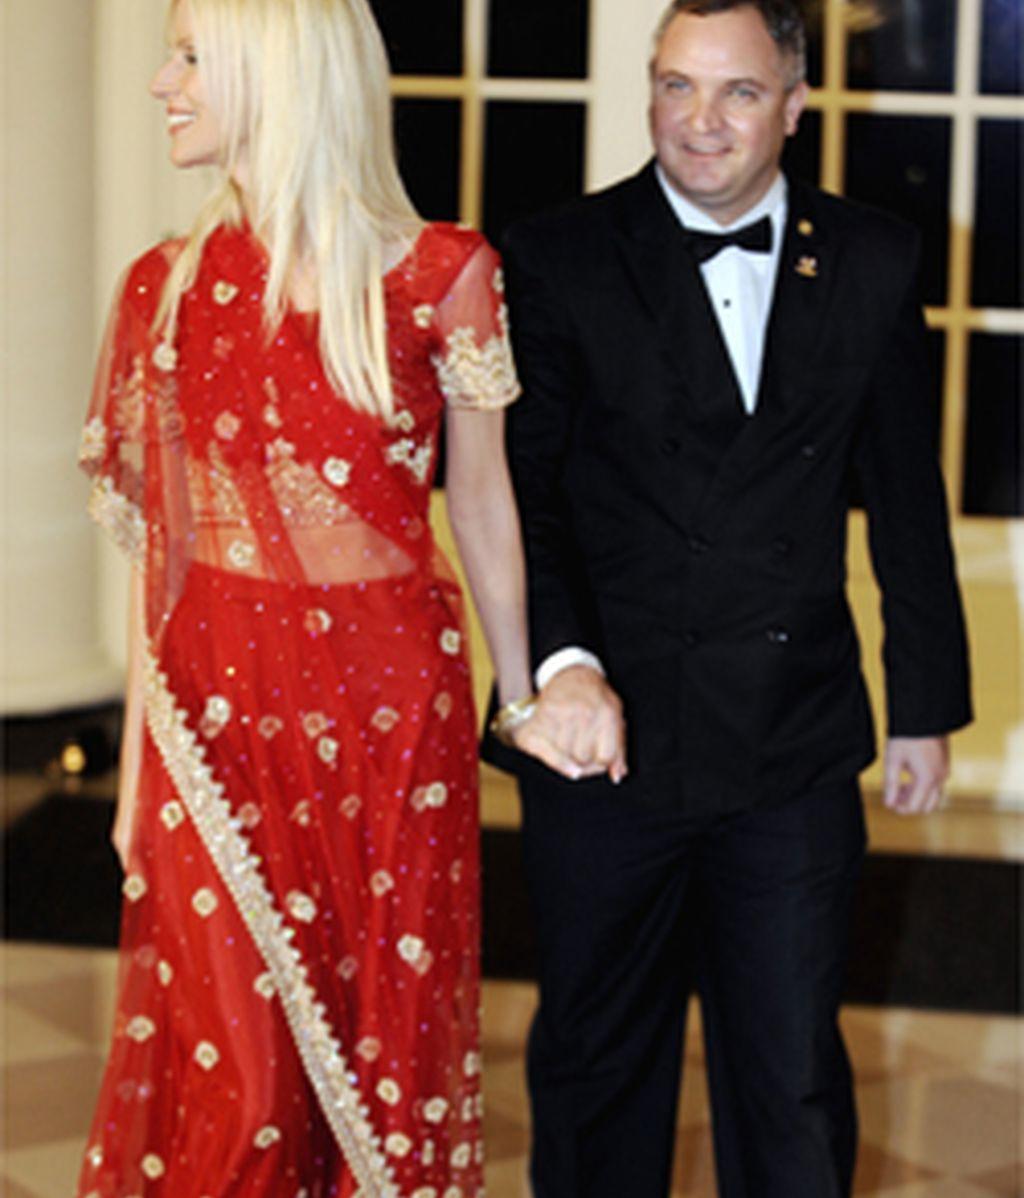 Un matrimonio se cuela en una cena en la Casa Blanca